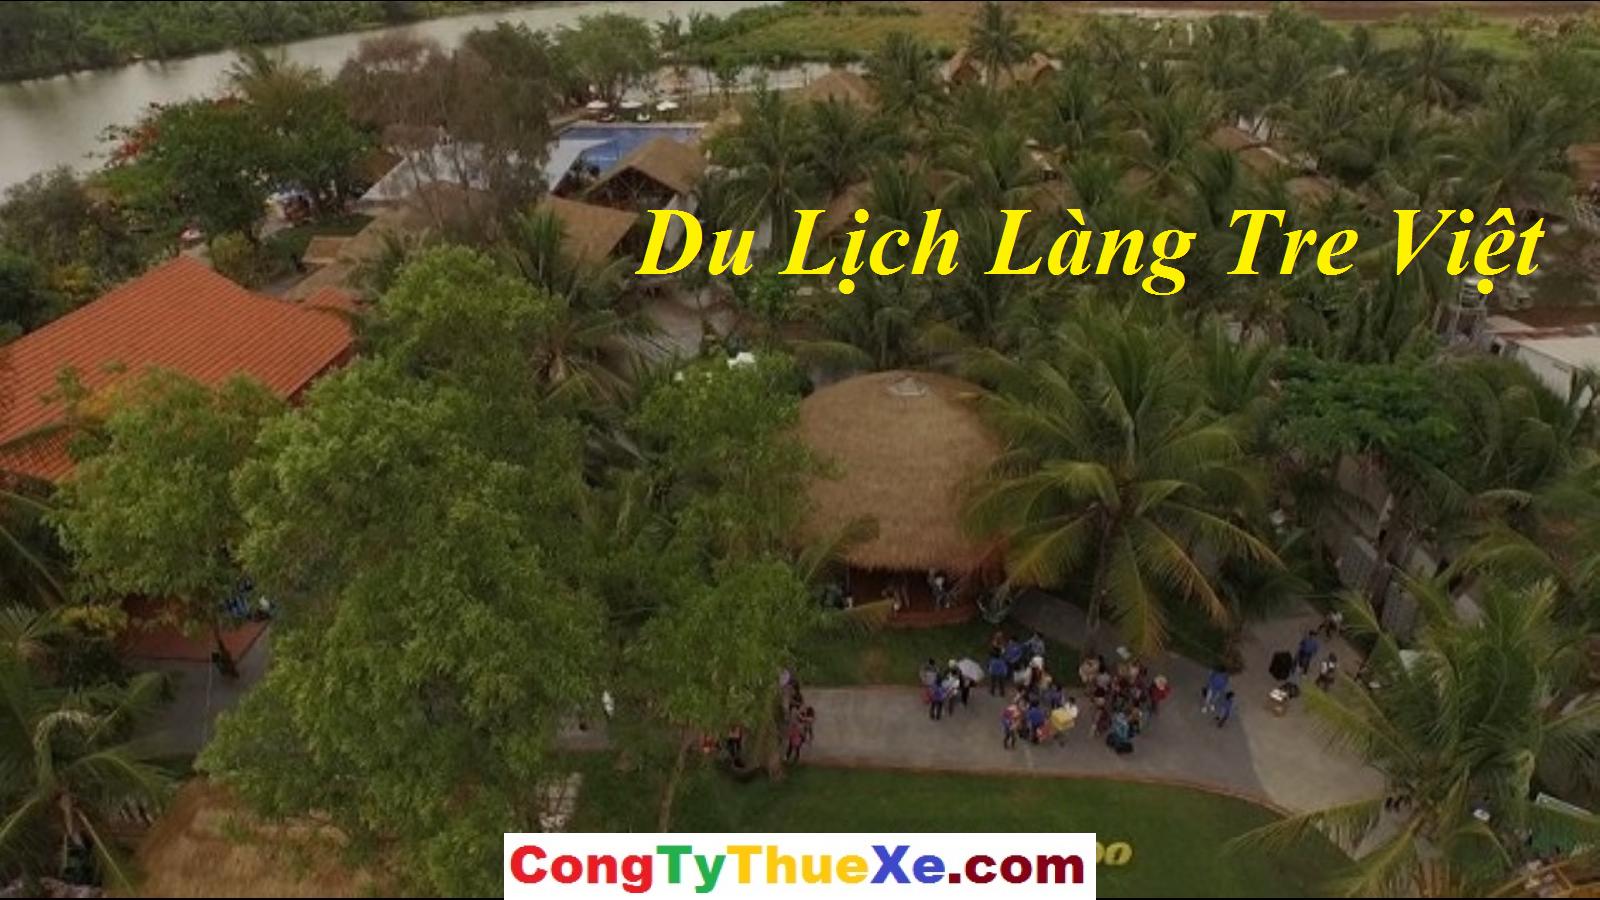 Thuê xe đi Làng Tre Việt